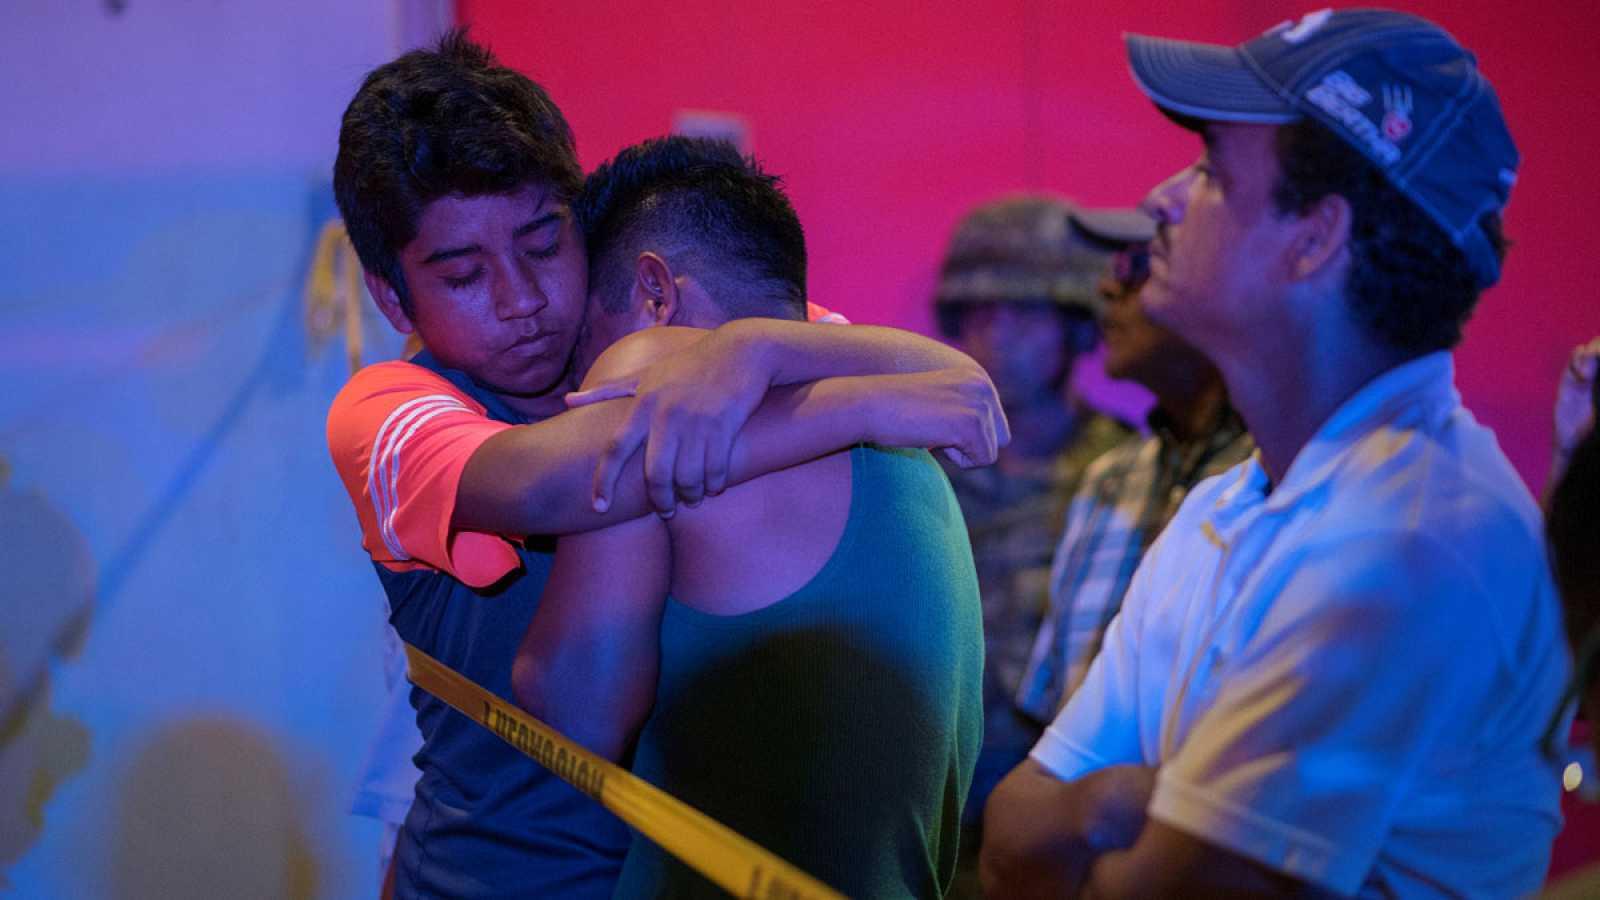 Veinticinco muertos en un ataque con 'cócteles molotov' en un bar al sur de México